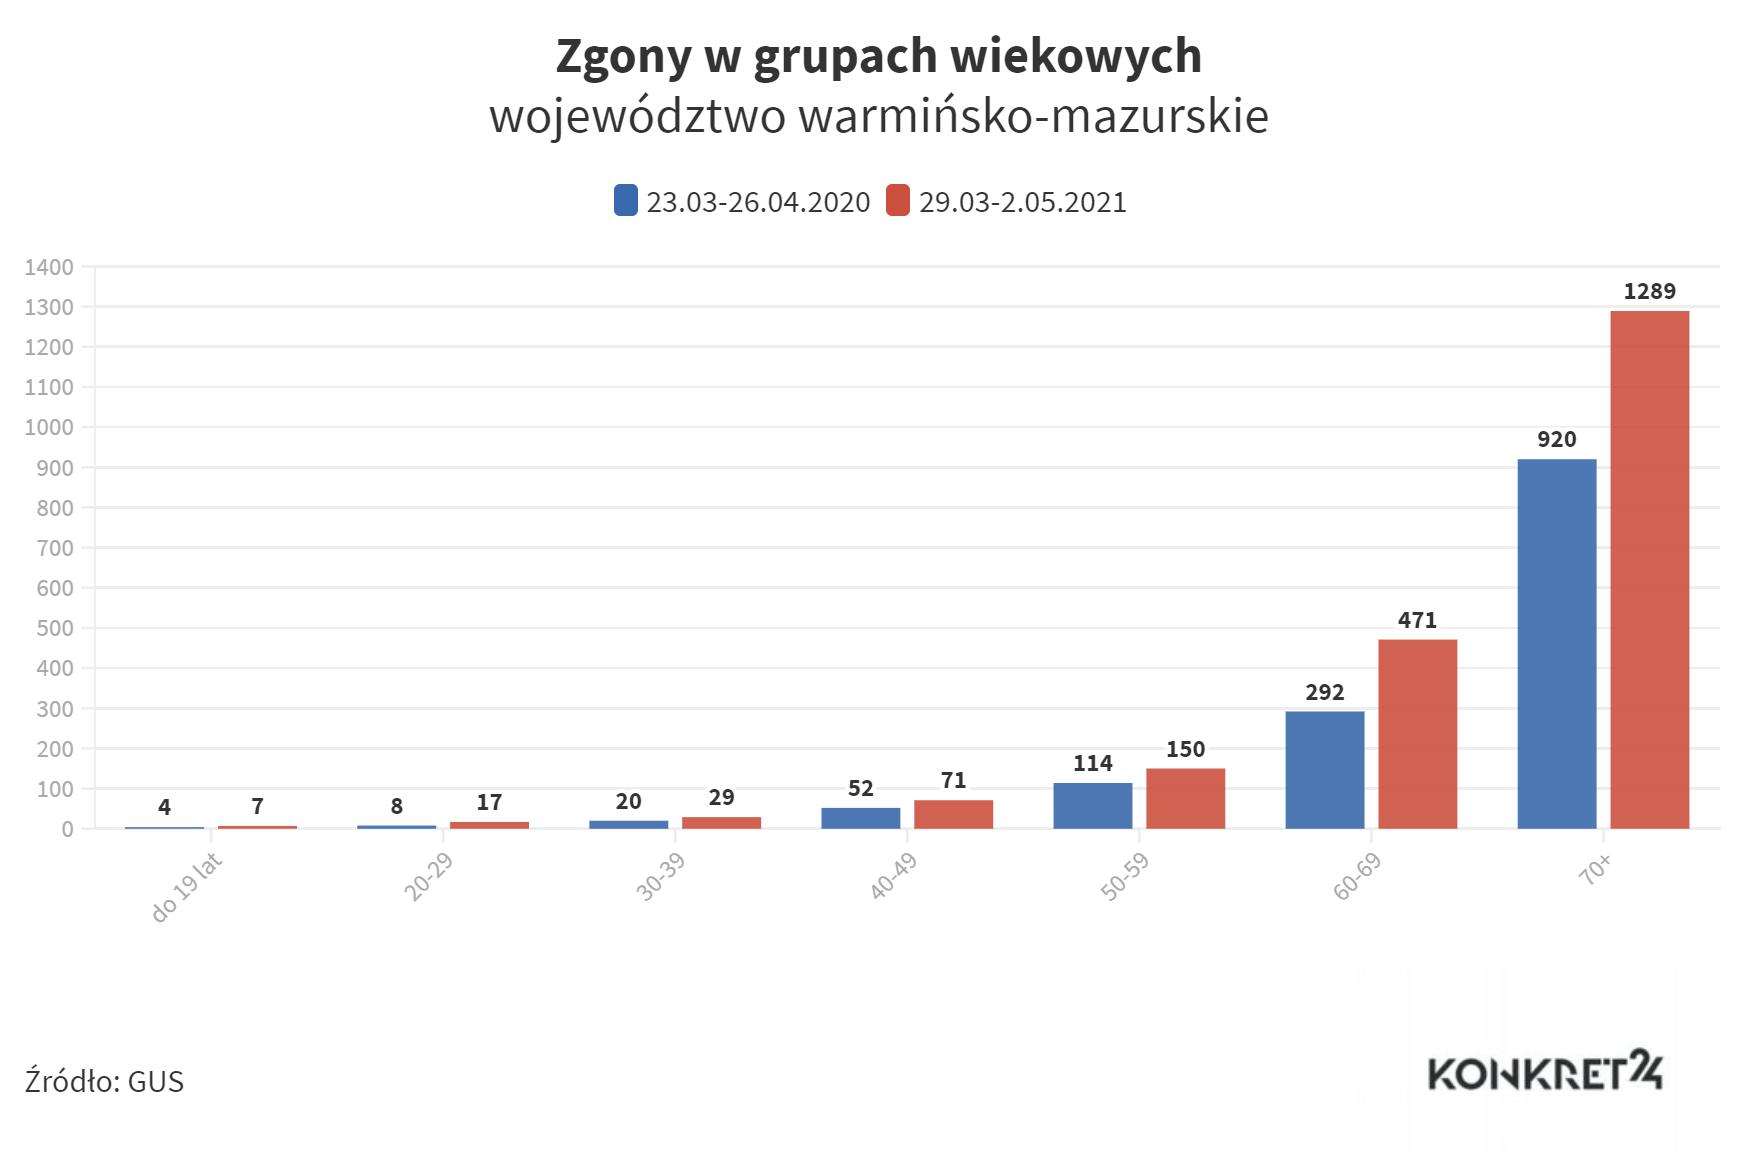 Zgony w grupach wiekowych (warmińsko-mazurskie)